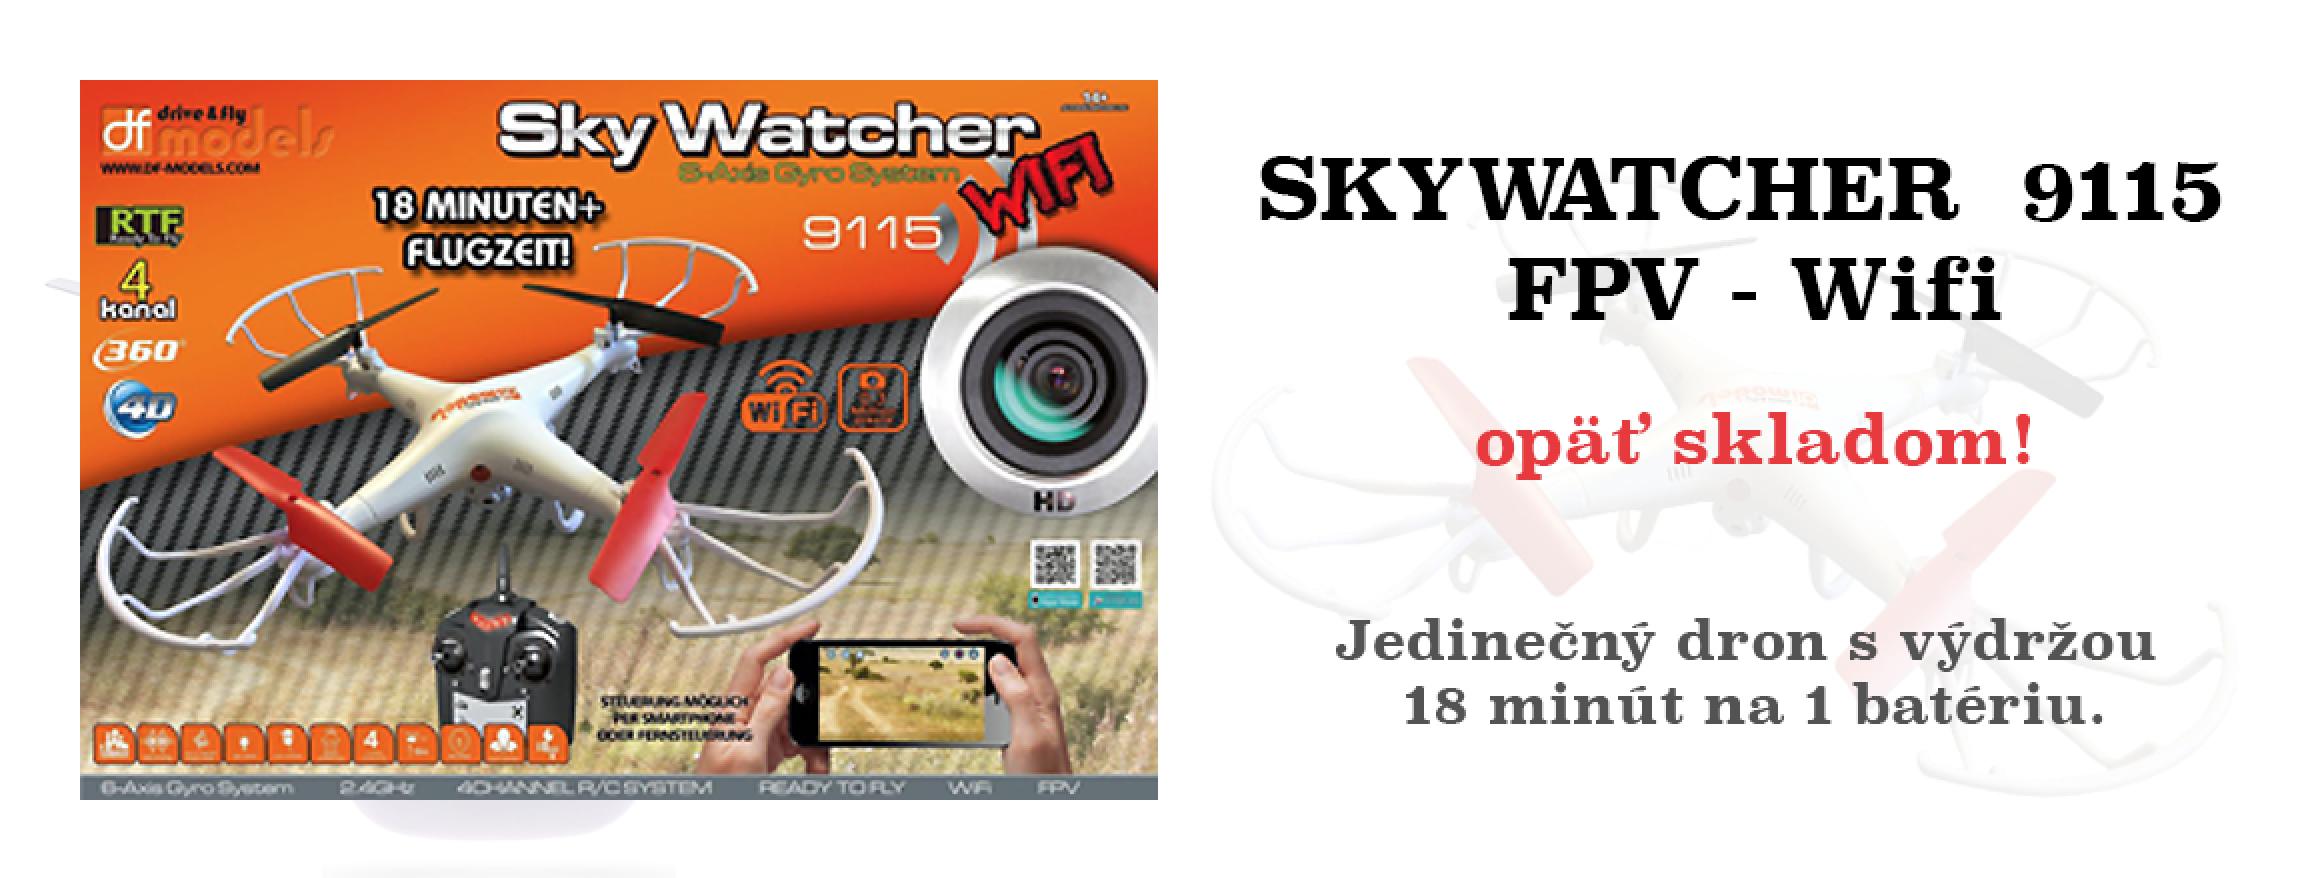 SkyWatcher 9115 - skladom